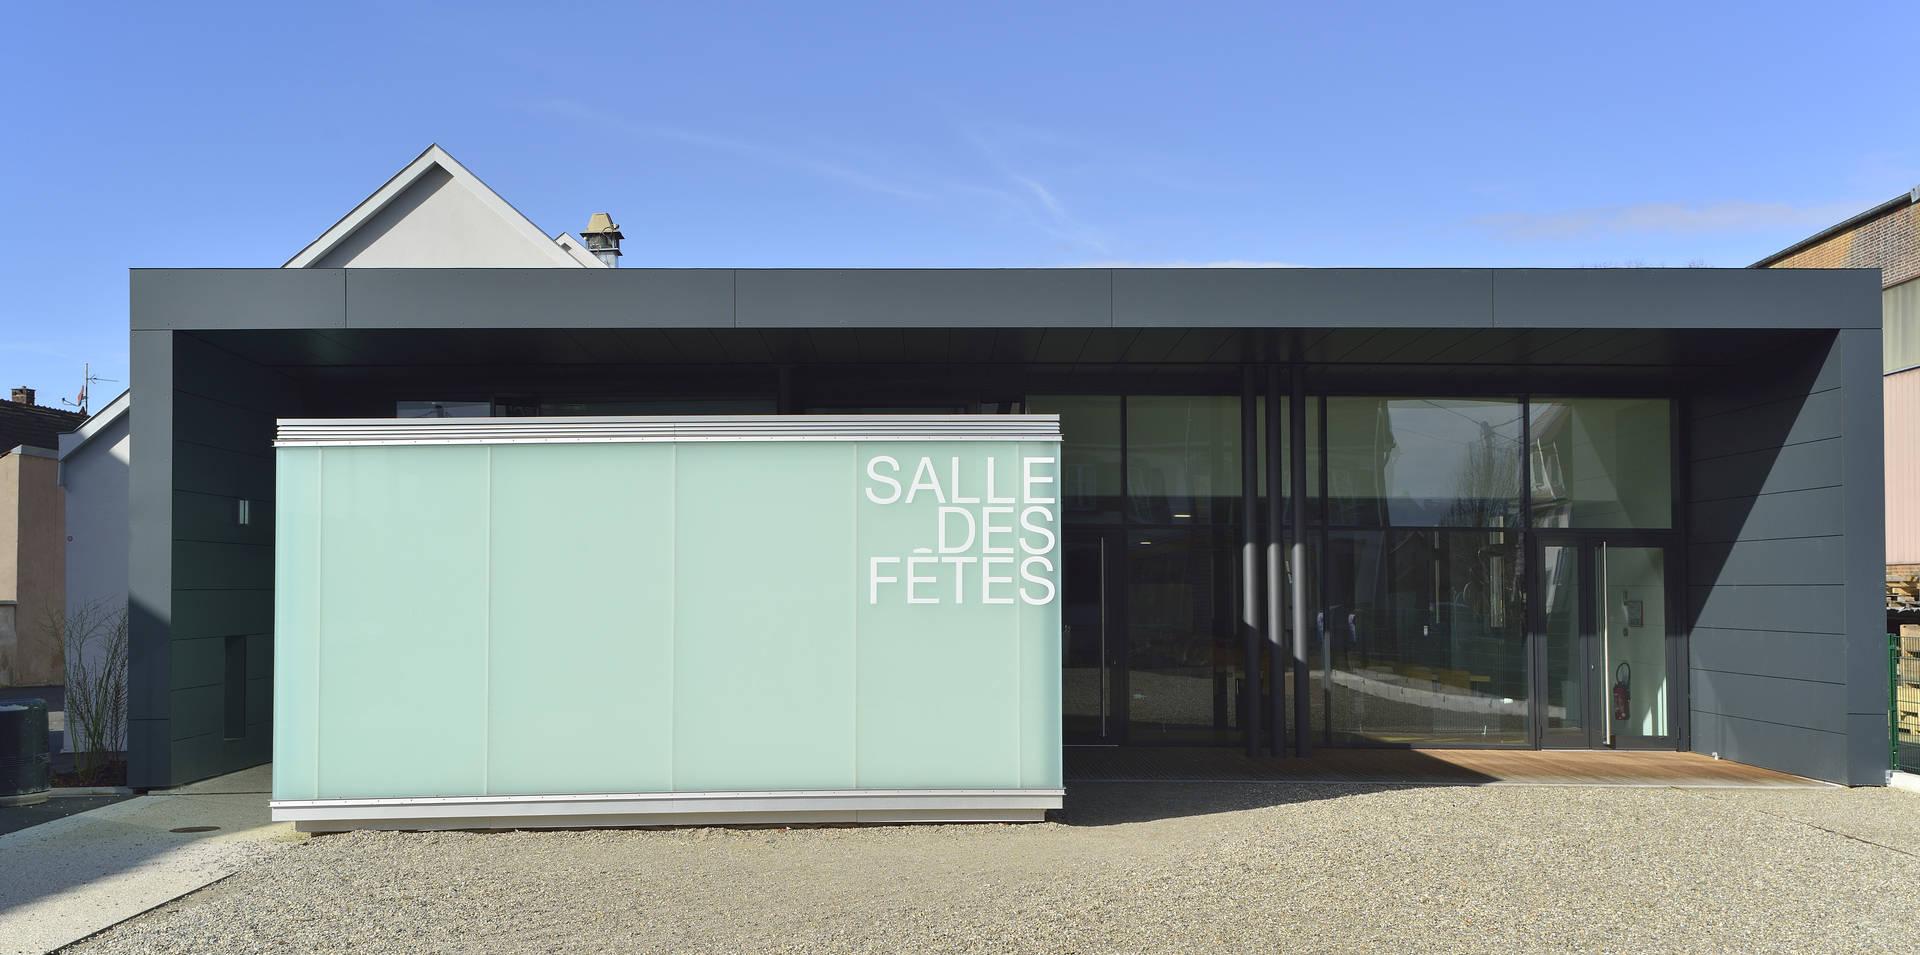 Salle des fêtes d'Illkirch Graffenstaden